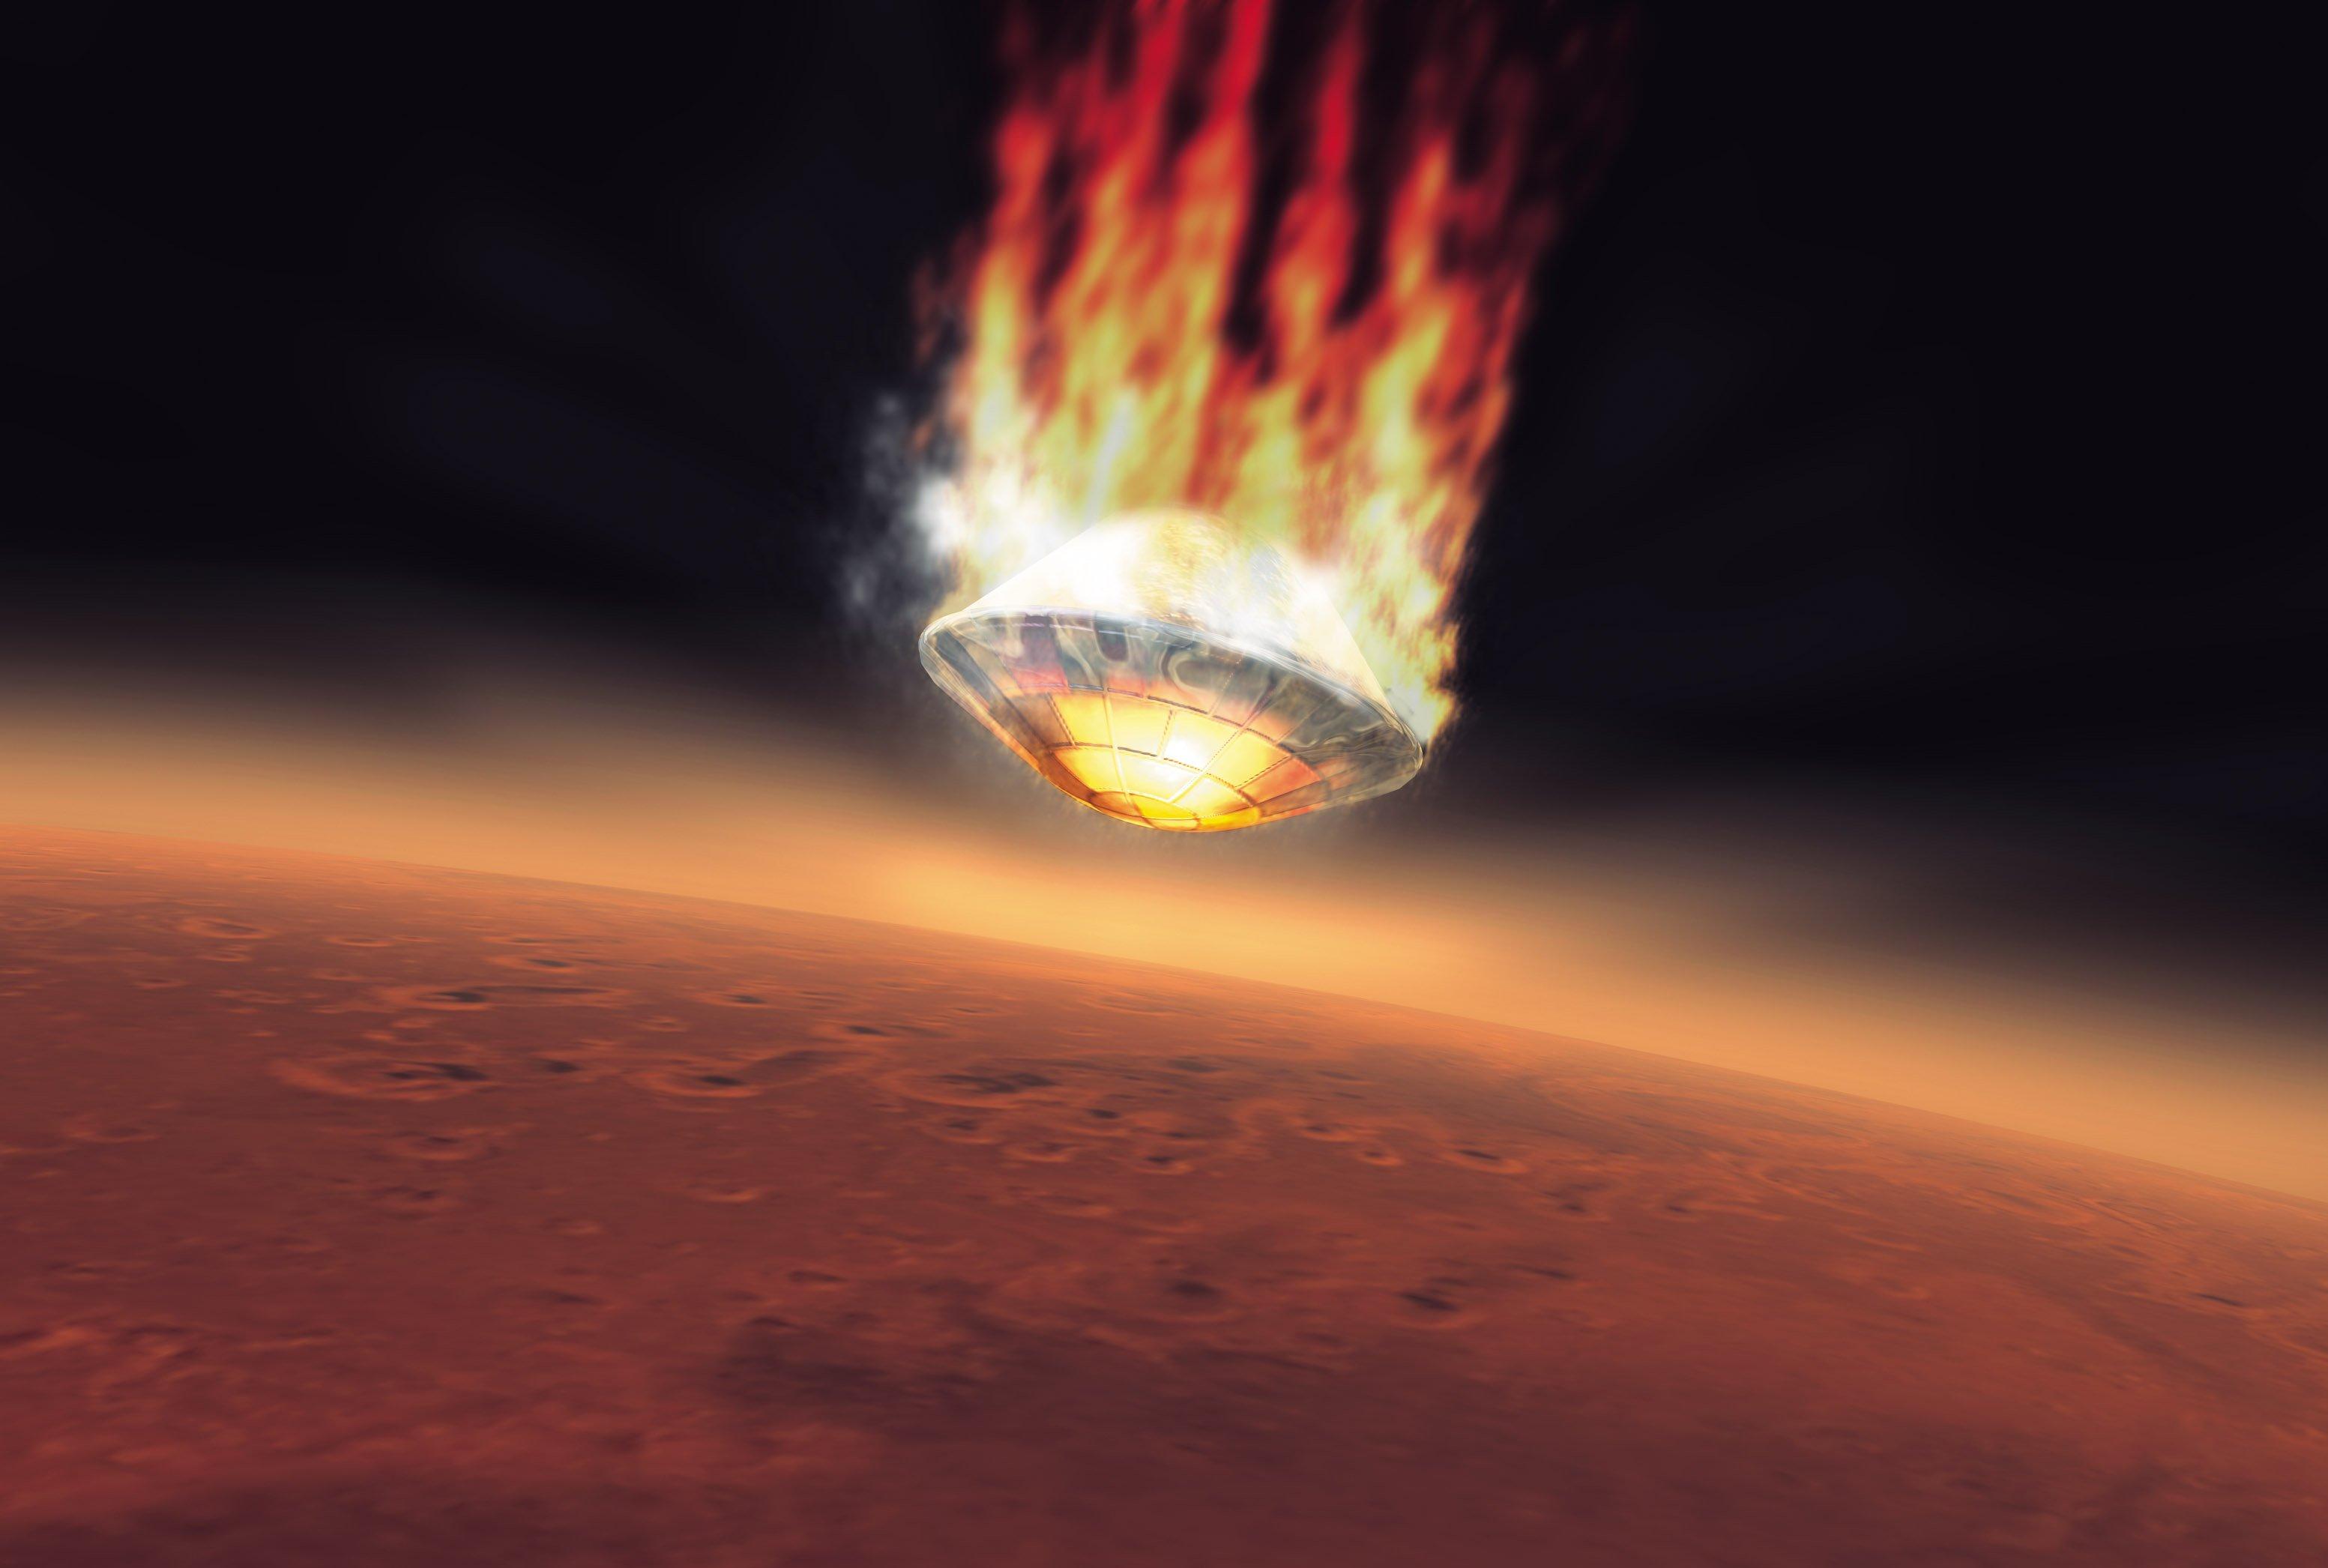 Am 25. Dezember 2003 landete die ESA-Sonde